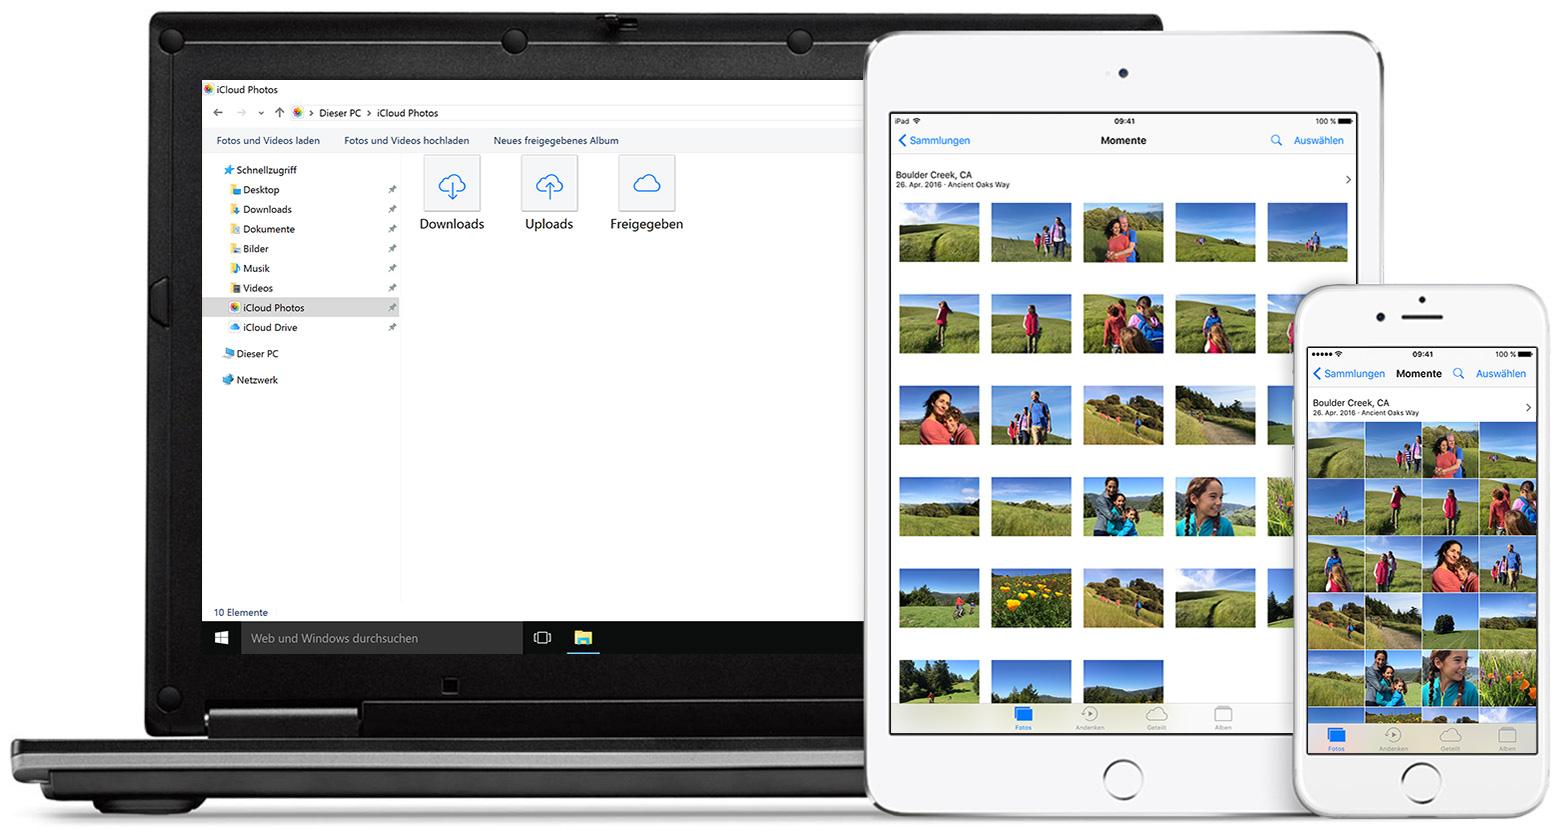 icloud fotomediathek auf ihrem windows pc einrichten und verwenden apple support. Black Bedroom Furniture Sets. Home Design Ideas